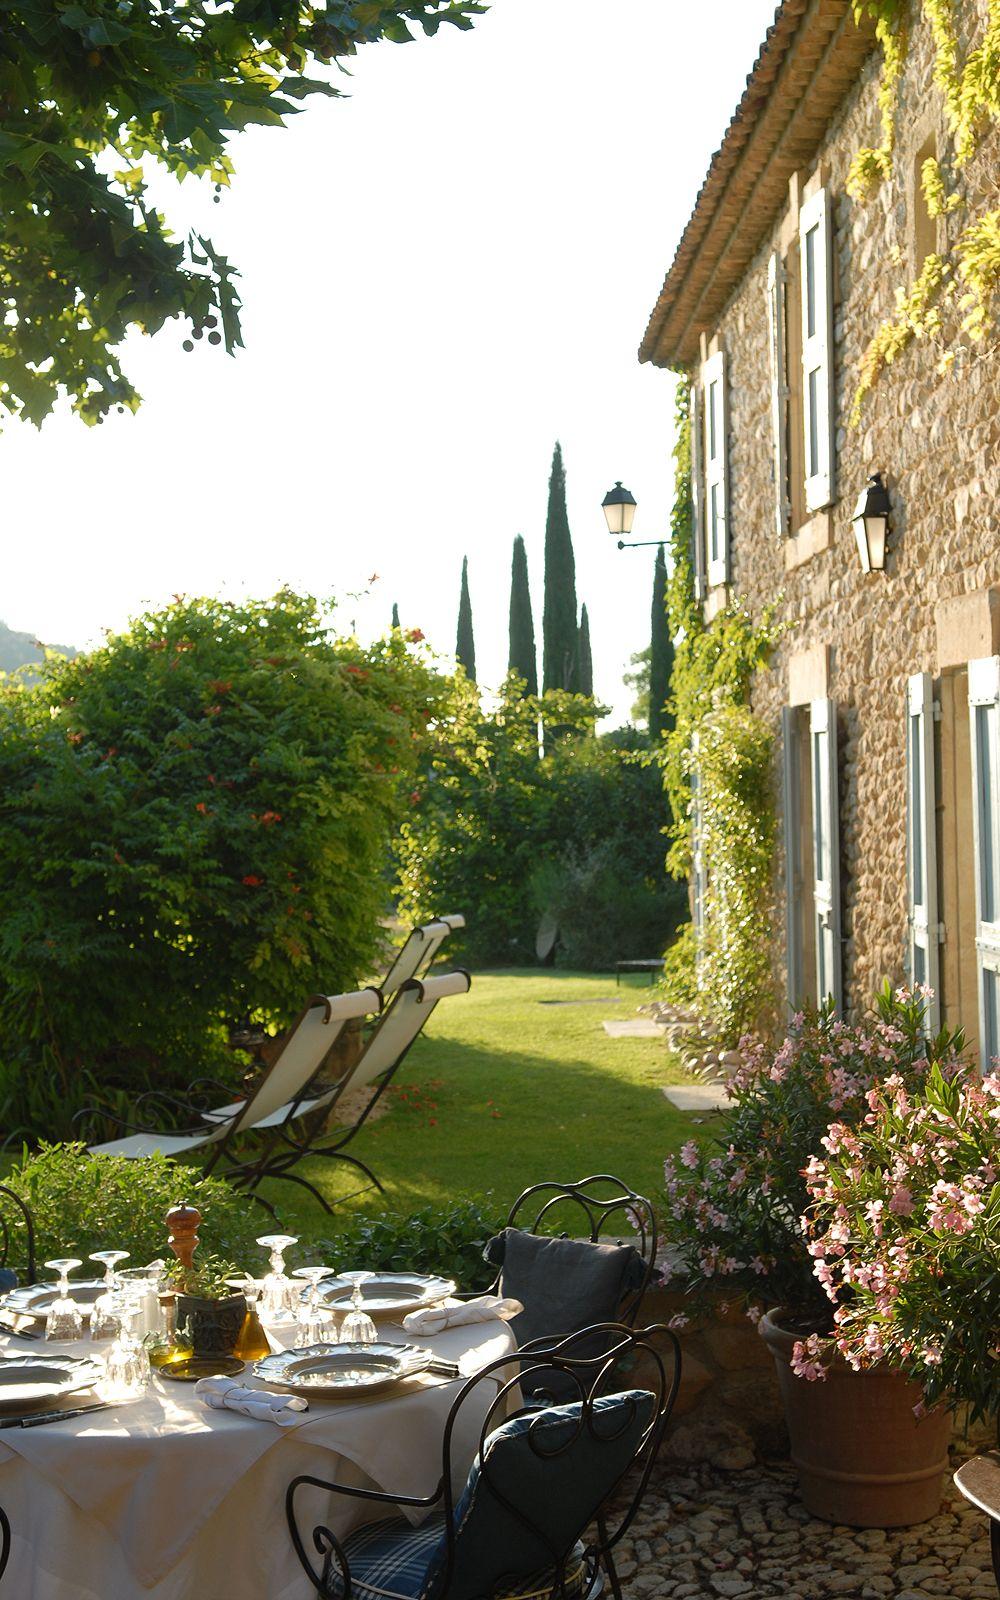 Restaurant hotel luxe provence la bastide de marie propri t de luxe et charme avec - Restaurant la maison de marie nice ...